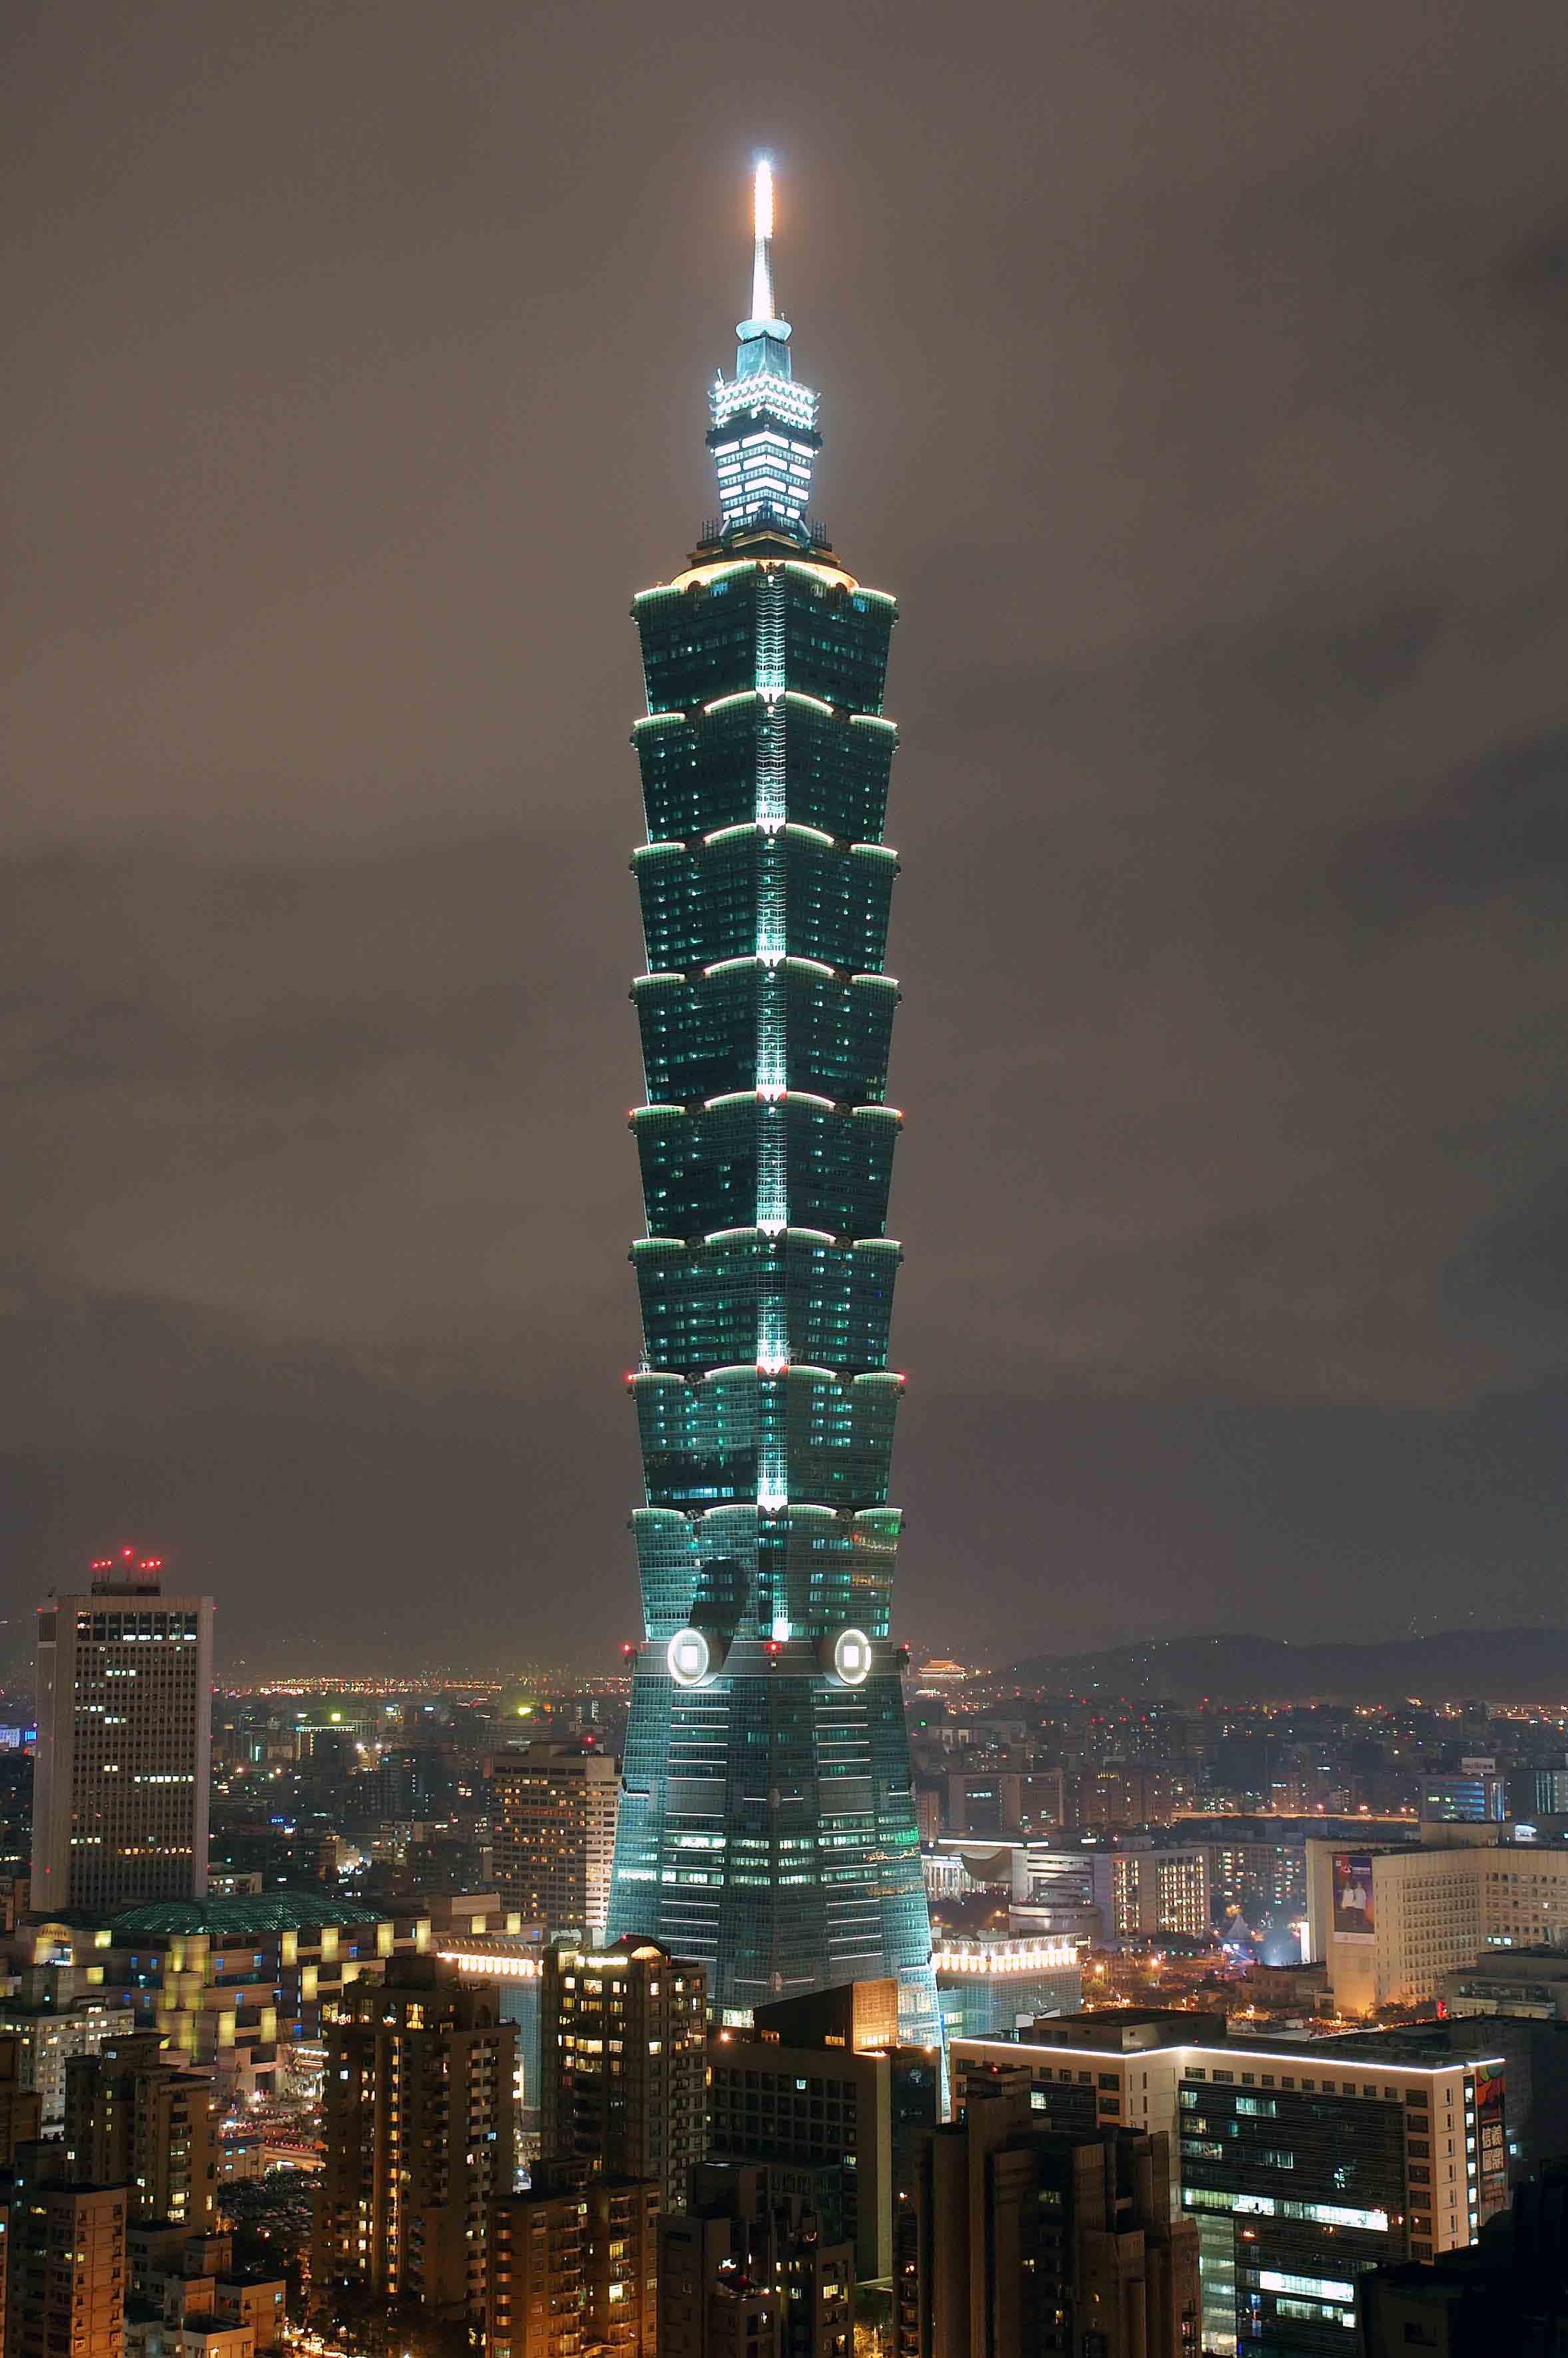 台风 凡亚比 挟带强风 台北101大楼竟被吹动